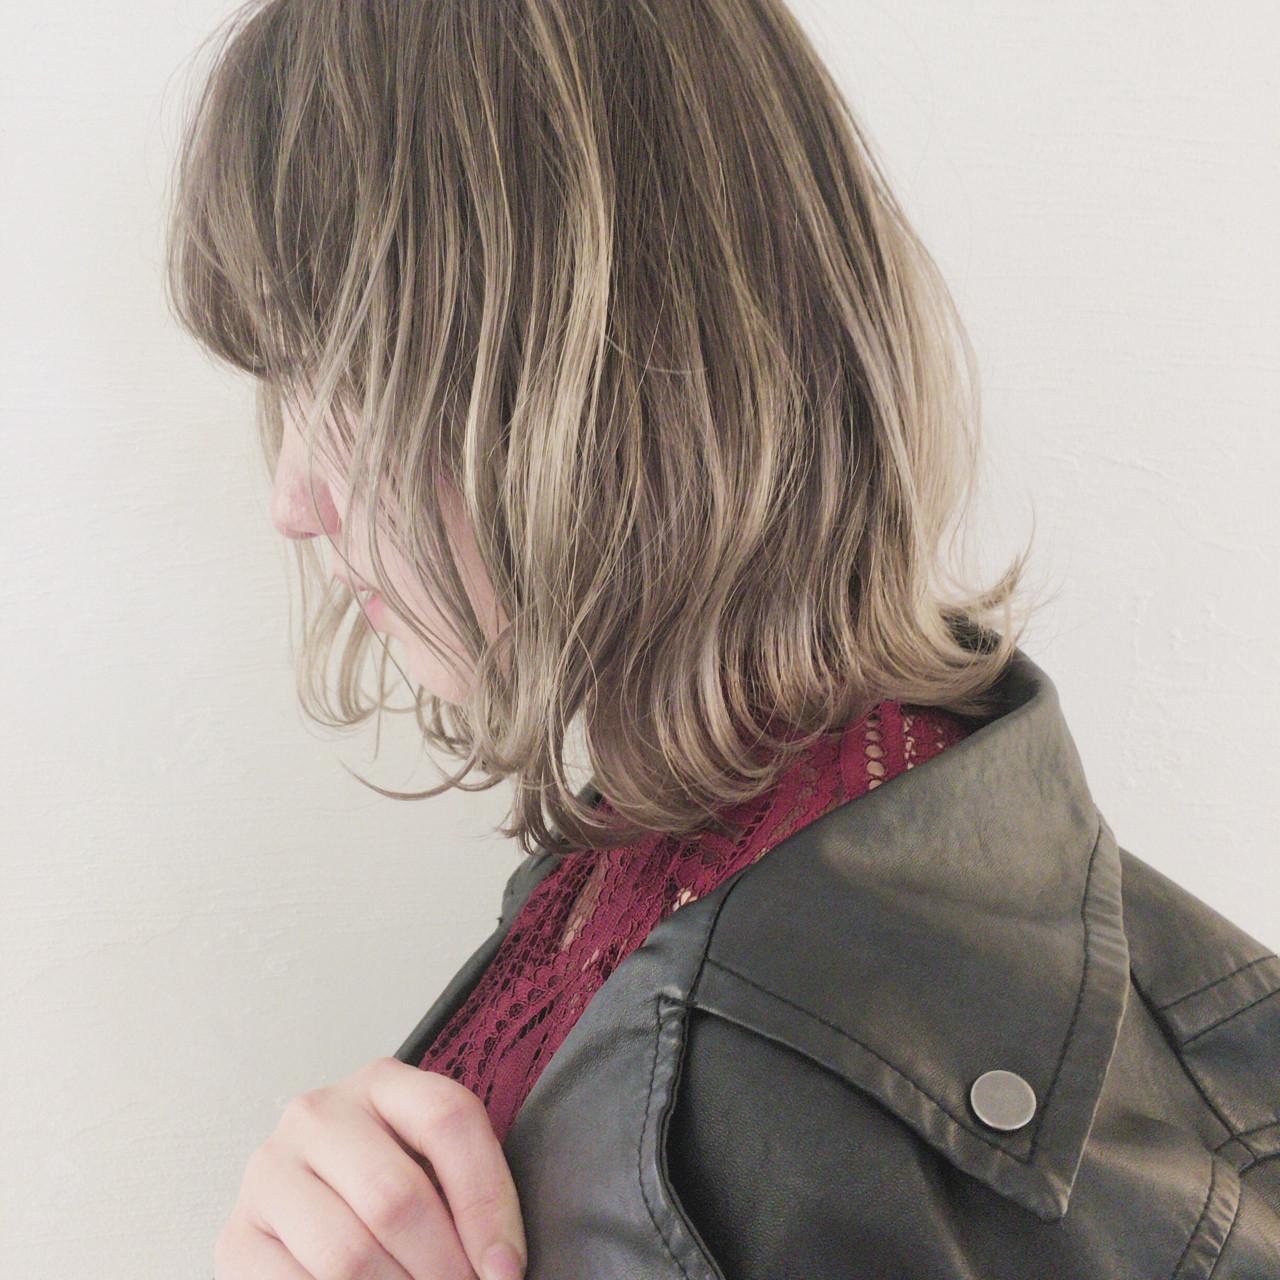 インナーカラー ナチュラル グレージュ ボブ ヘアスタイルや髪型の写真・画像 | 津村正和/大阪心斎橋 / freelance